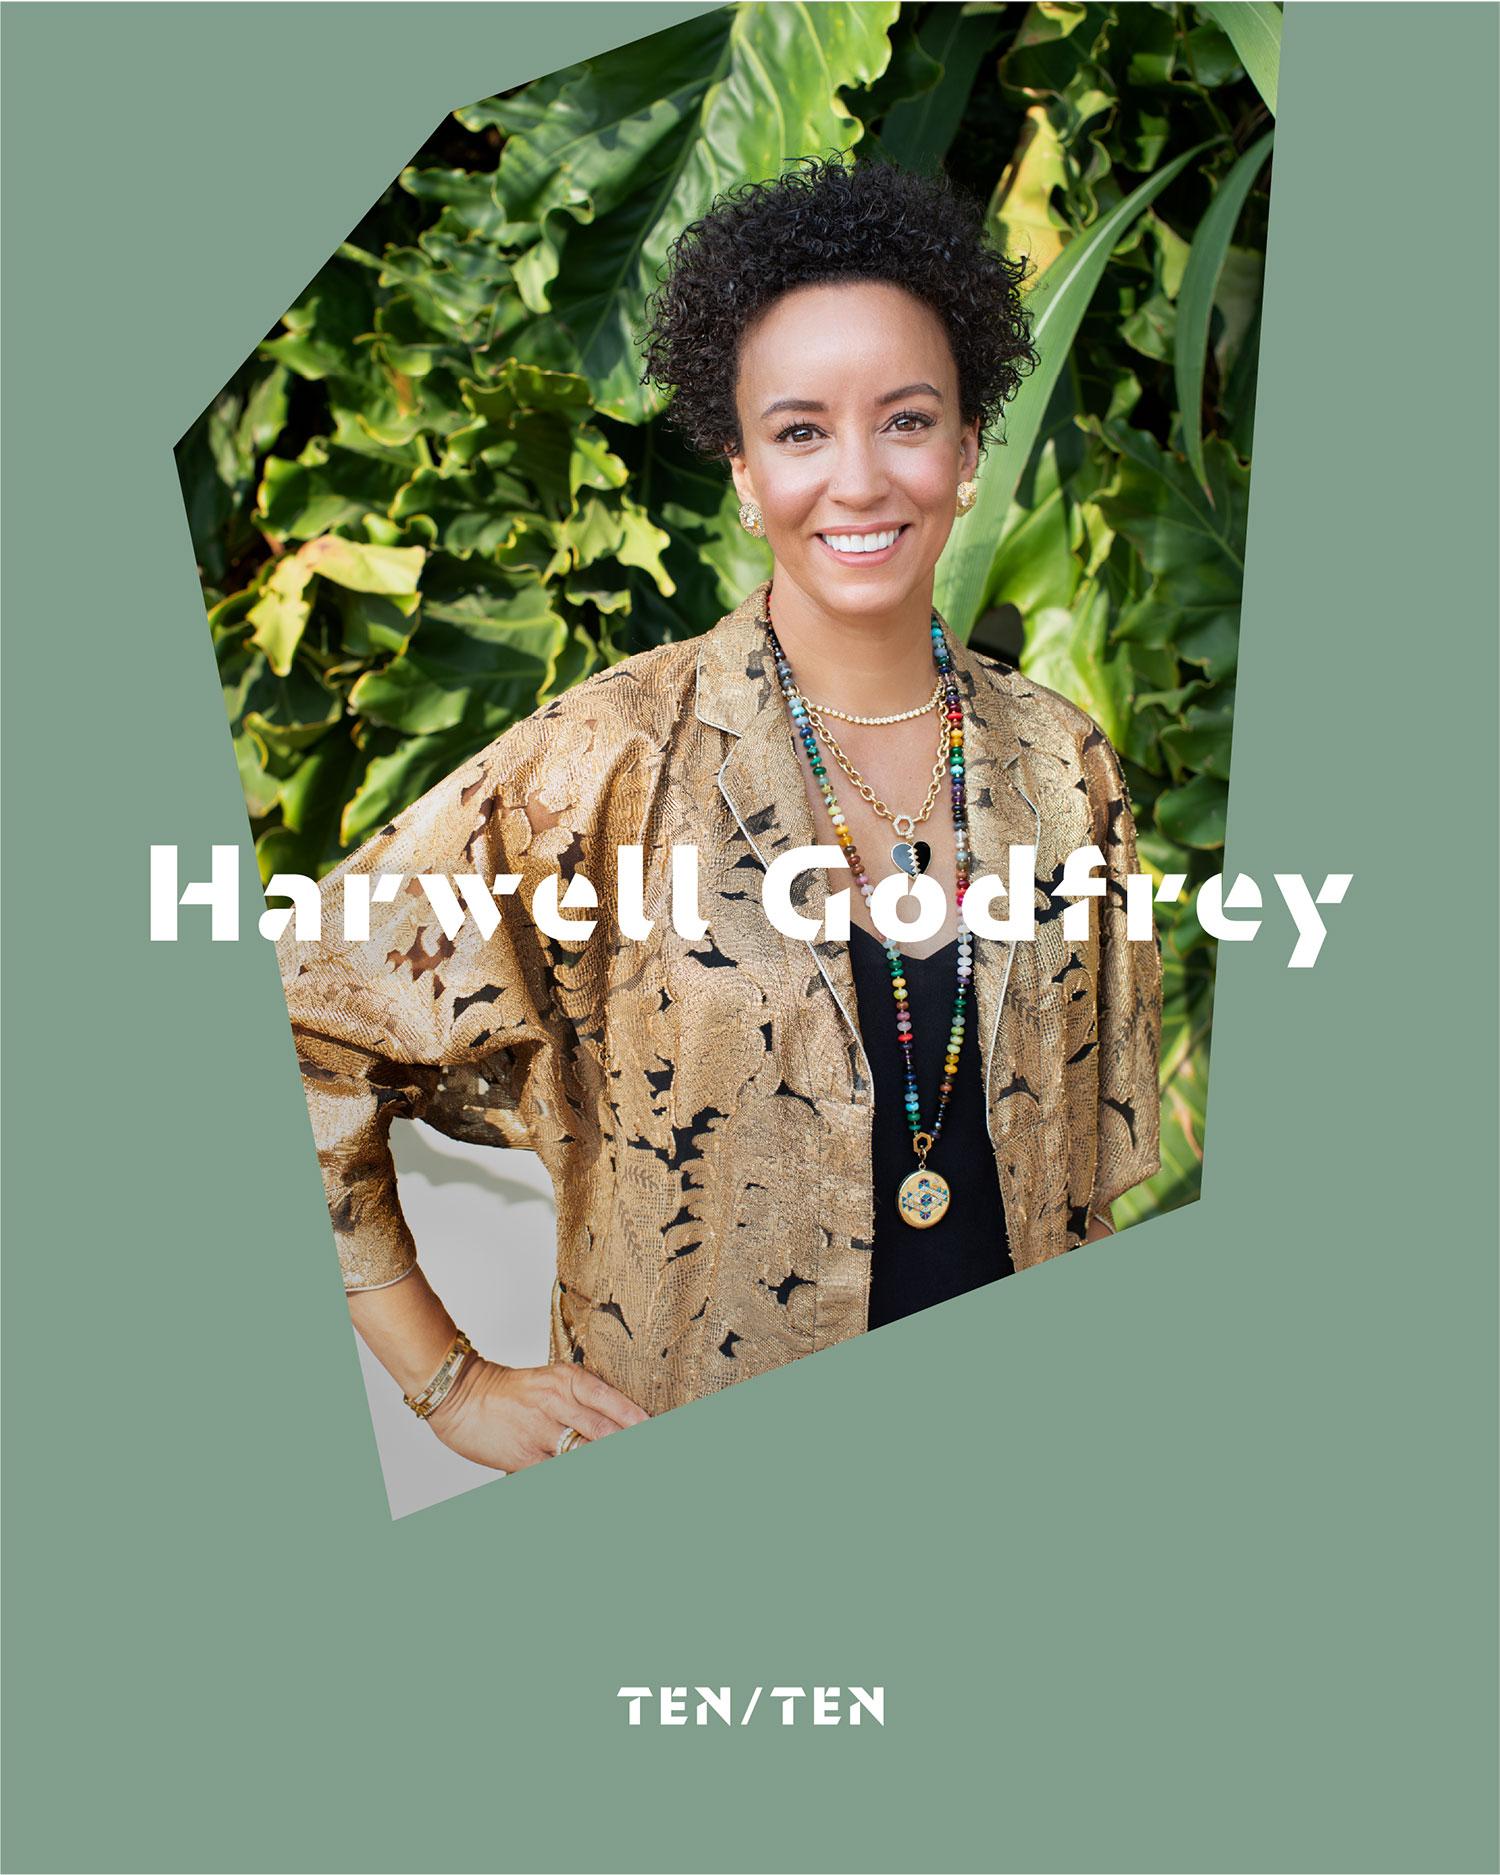 Harwell Godfrey TenTen Social Graphic Portraits